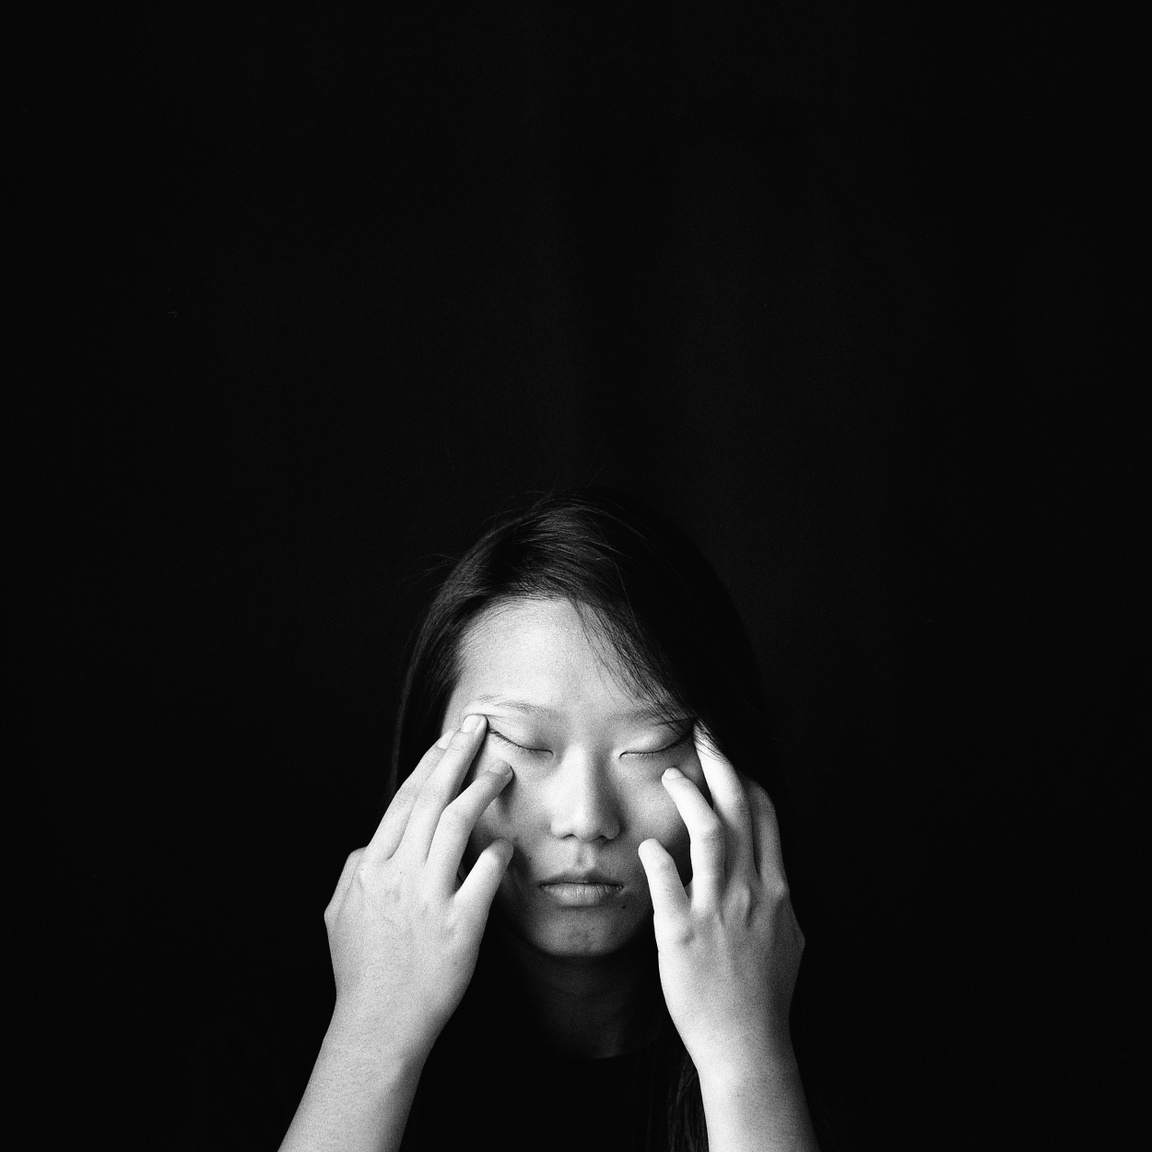 """Julie az egyik legrosszabb középiskolai emlékét idézi fel.                          """"Utáltam a monolid szememet. Már azelőtt meghatározott engem, hogy meghatározhattam volna magamat vagy megtalálhattam volna a helyemet ebben az idegen országban. Nem akartam külföldi maradni."""""""